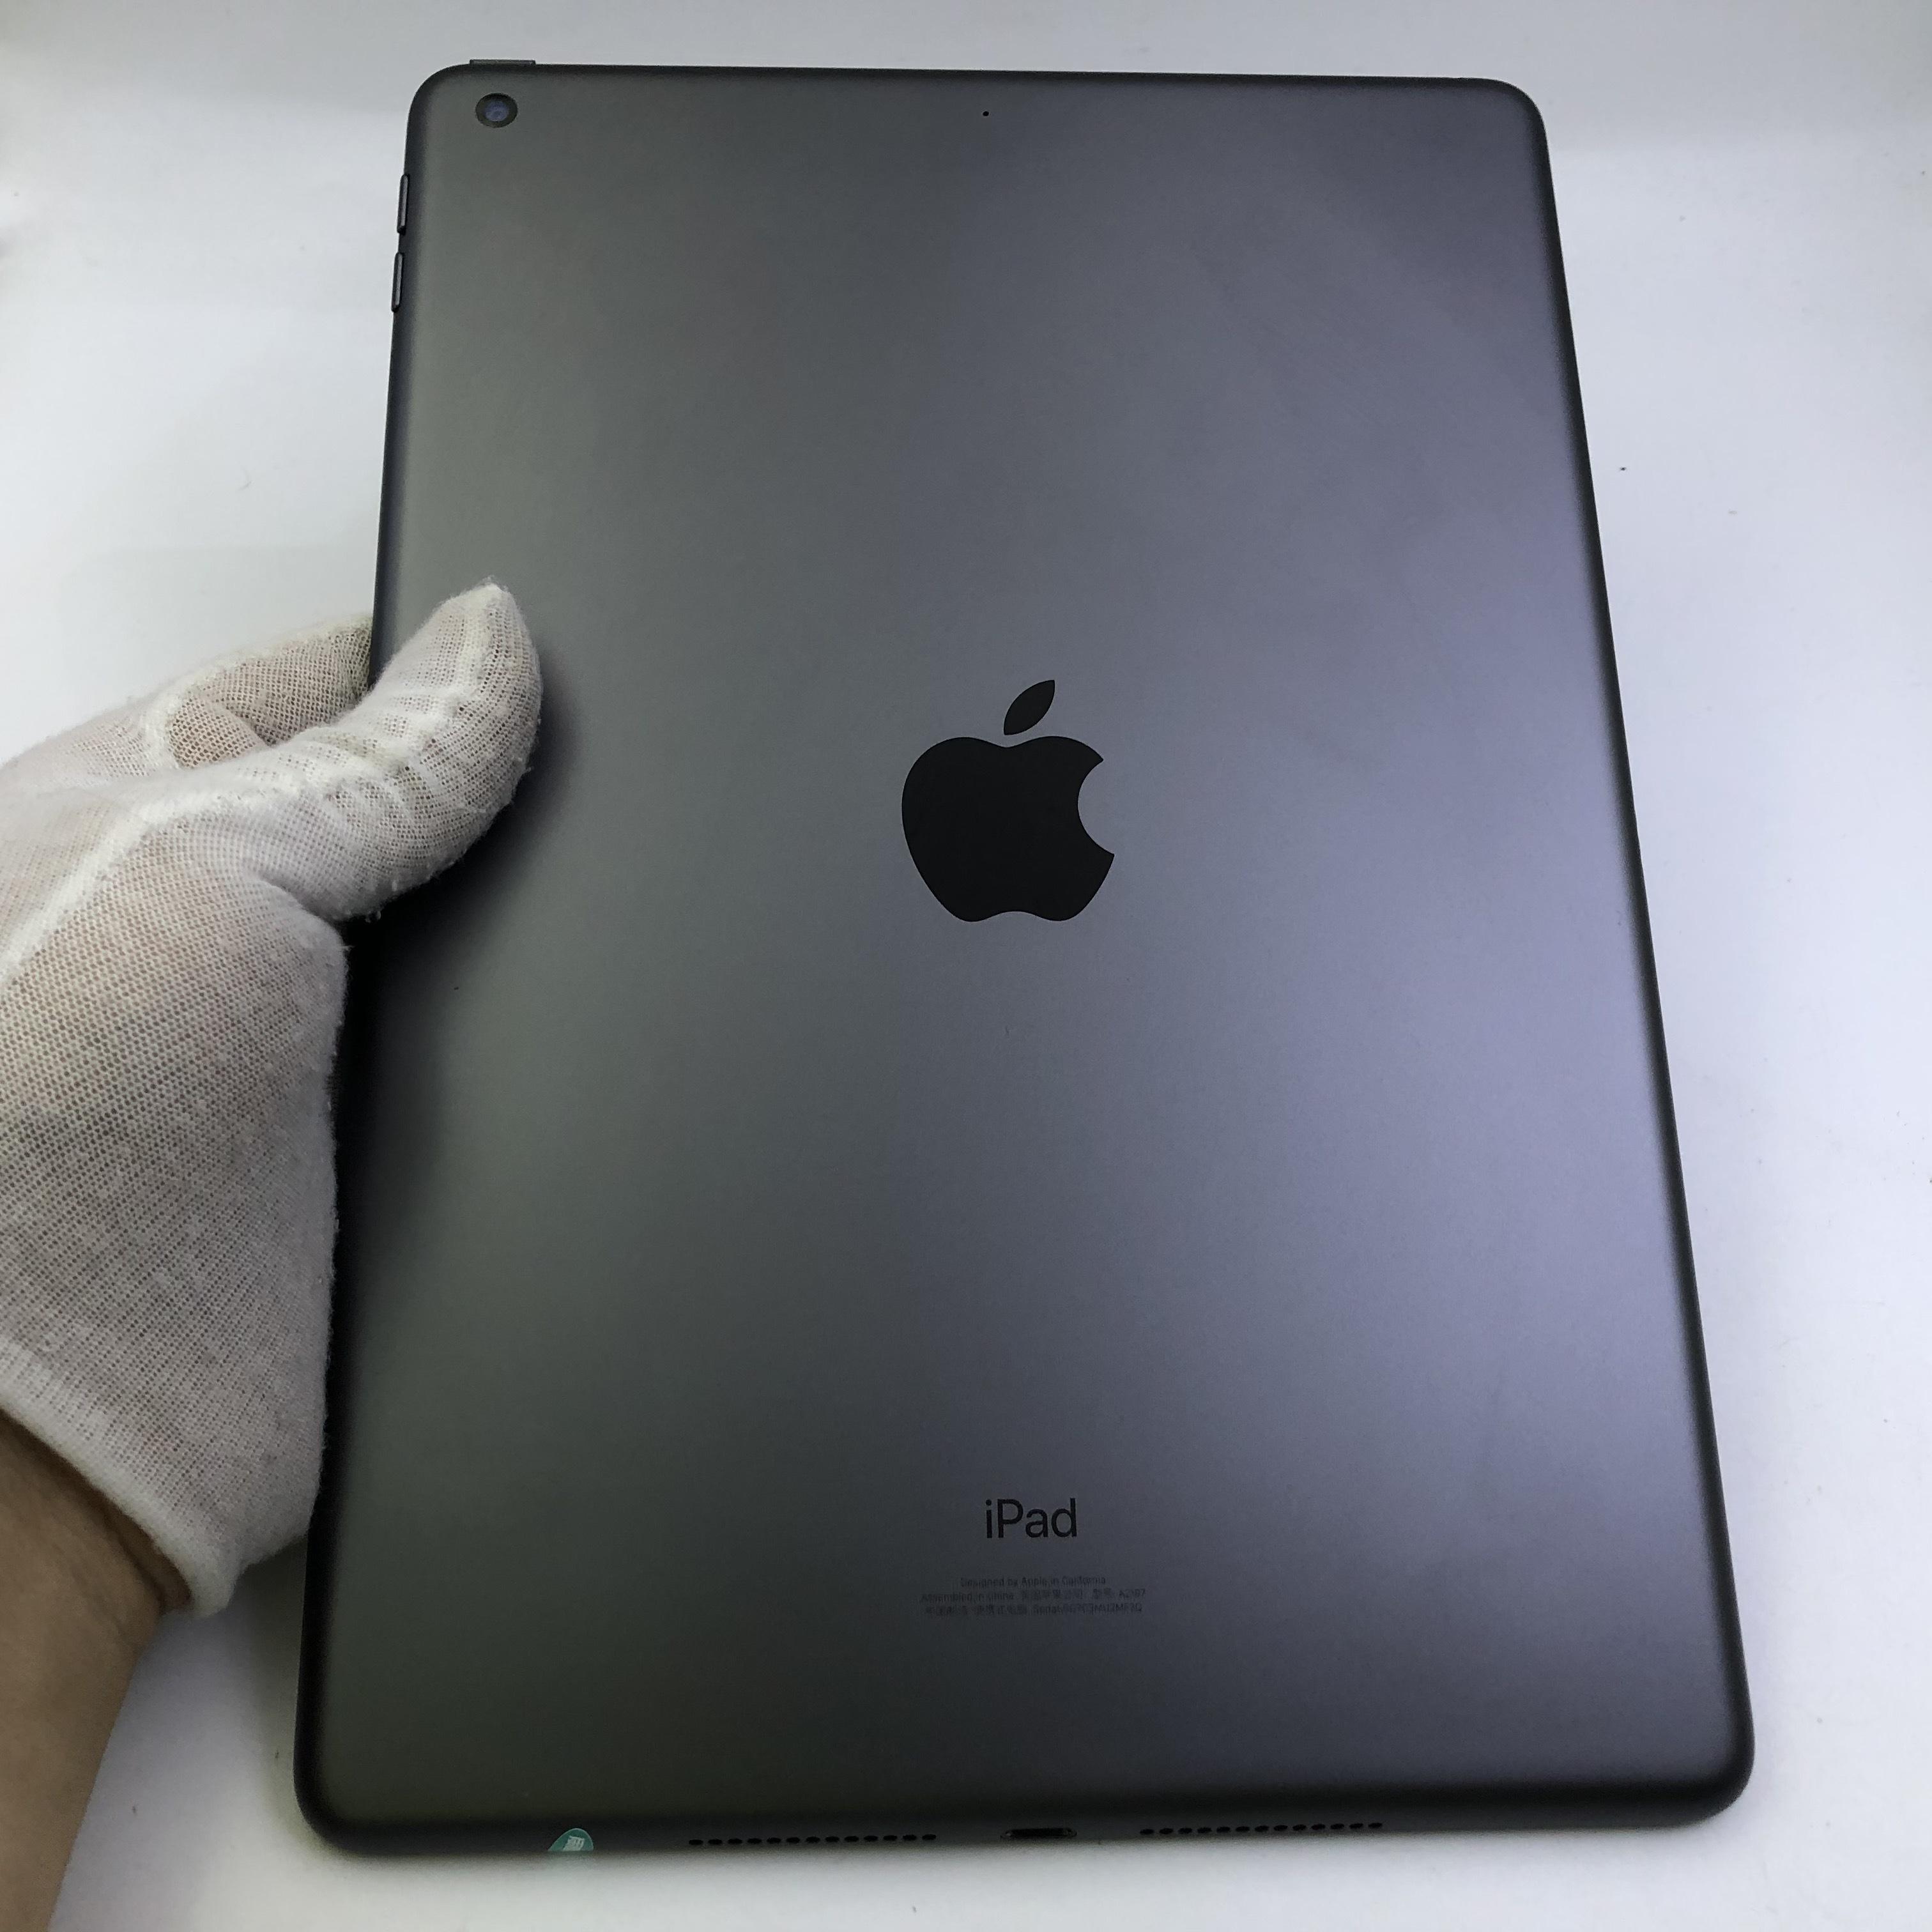 苹果【iPad 2019款10.2英寸】WIFI版 深空灰 128G 国行 99新